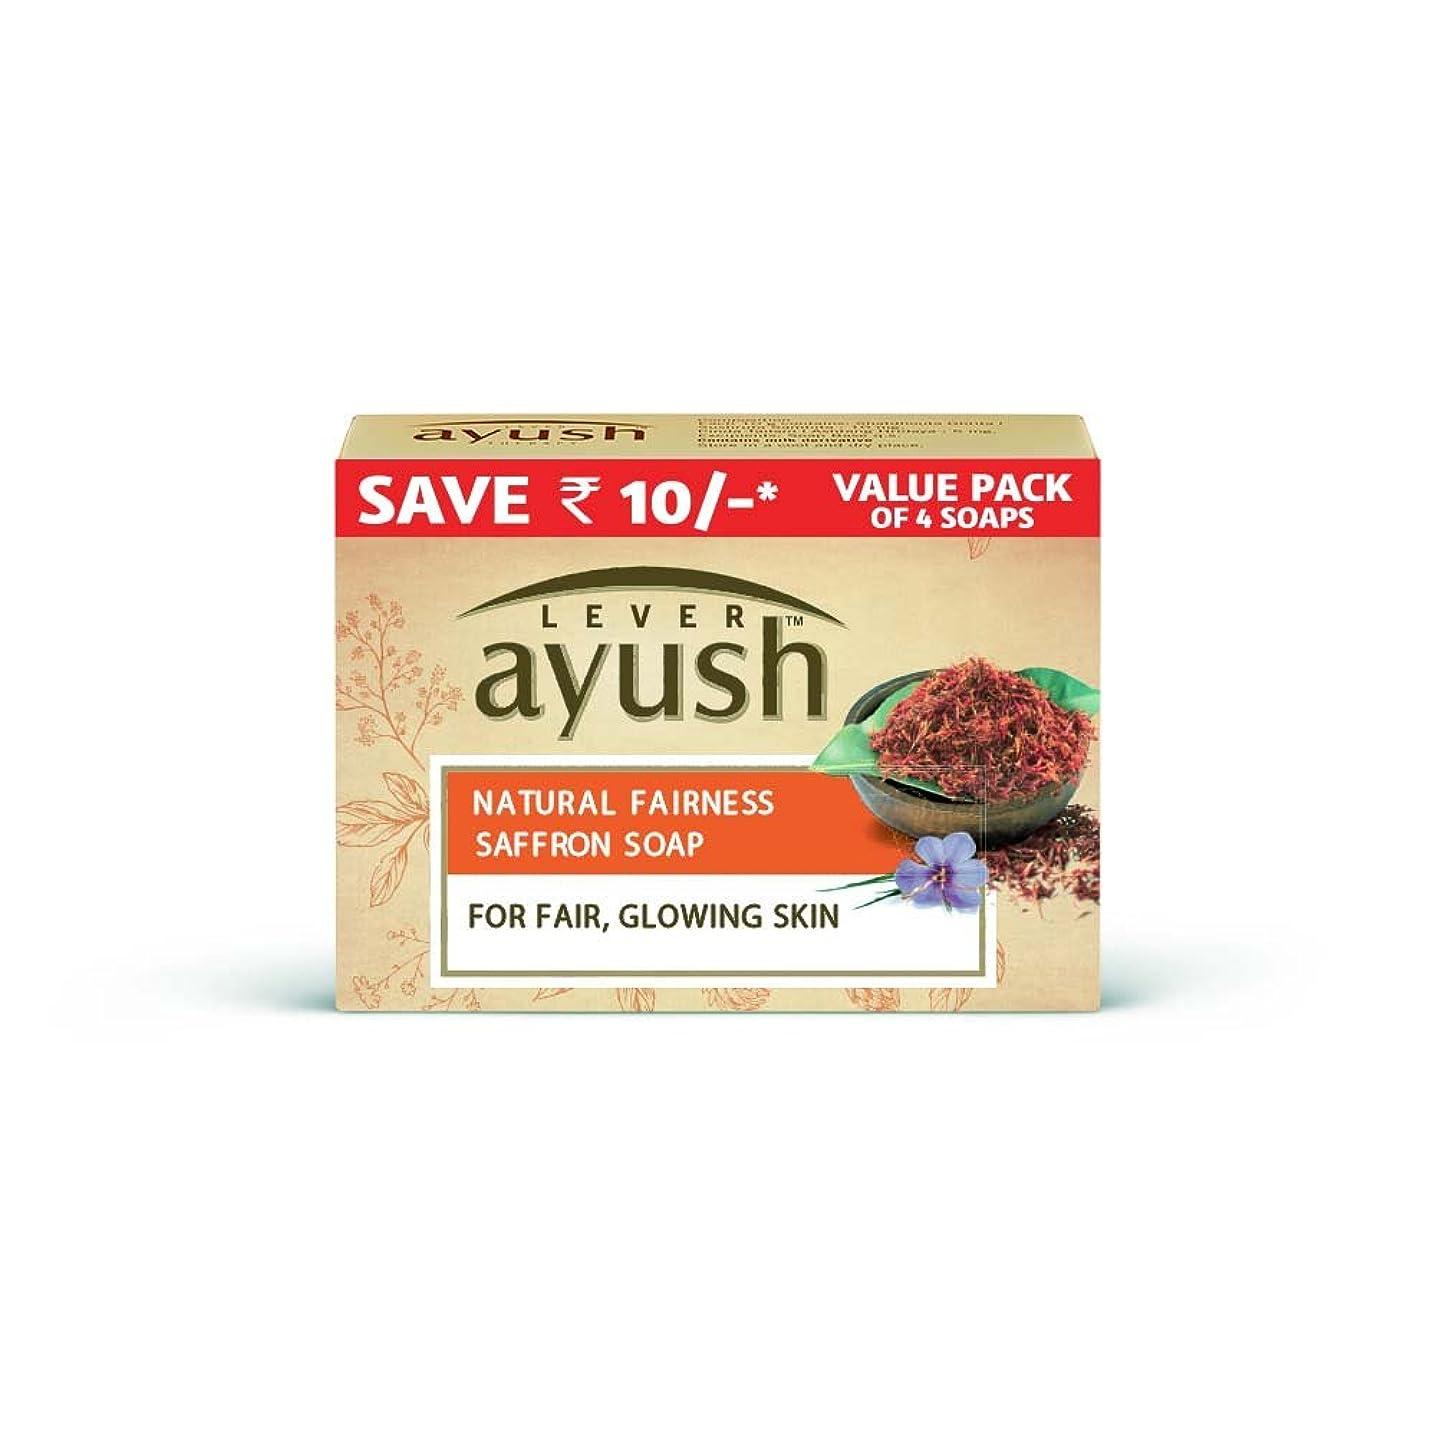 病な未使用違うLever Ayush Natural Fairness Saffron Soap, 100g (Pack of 4)